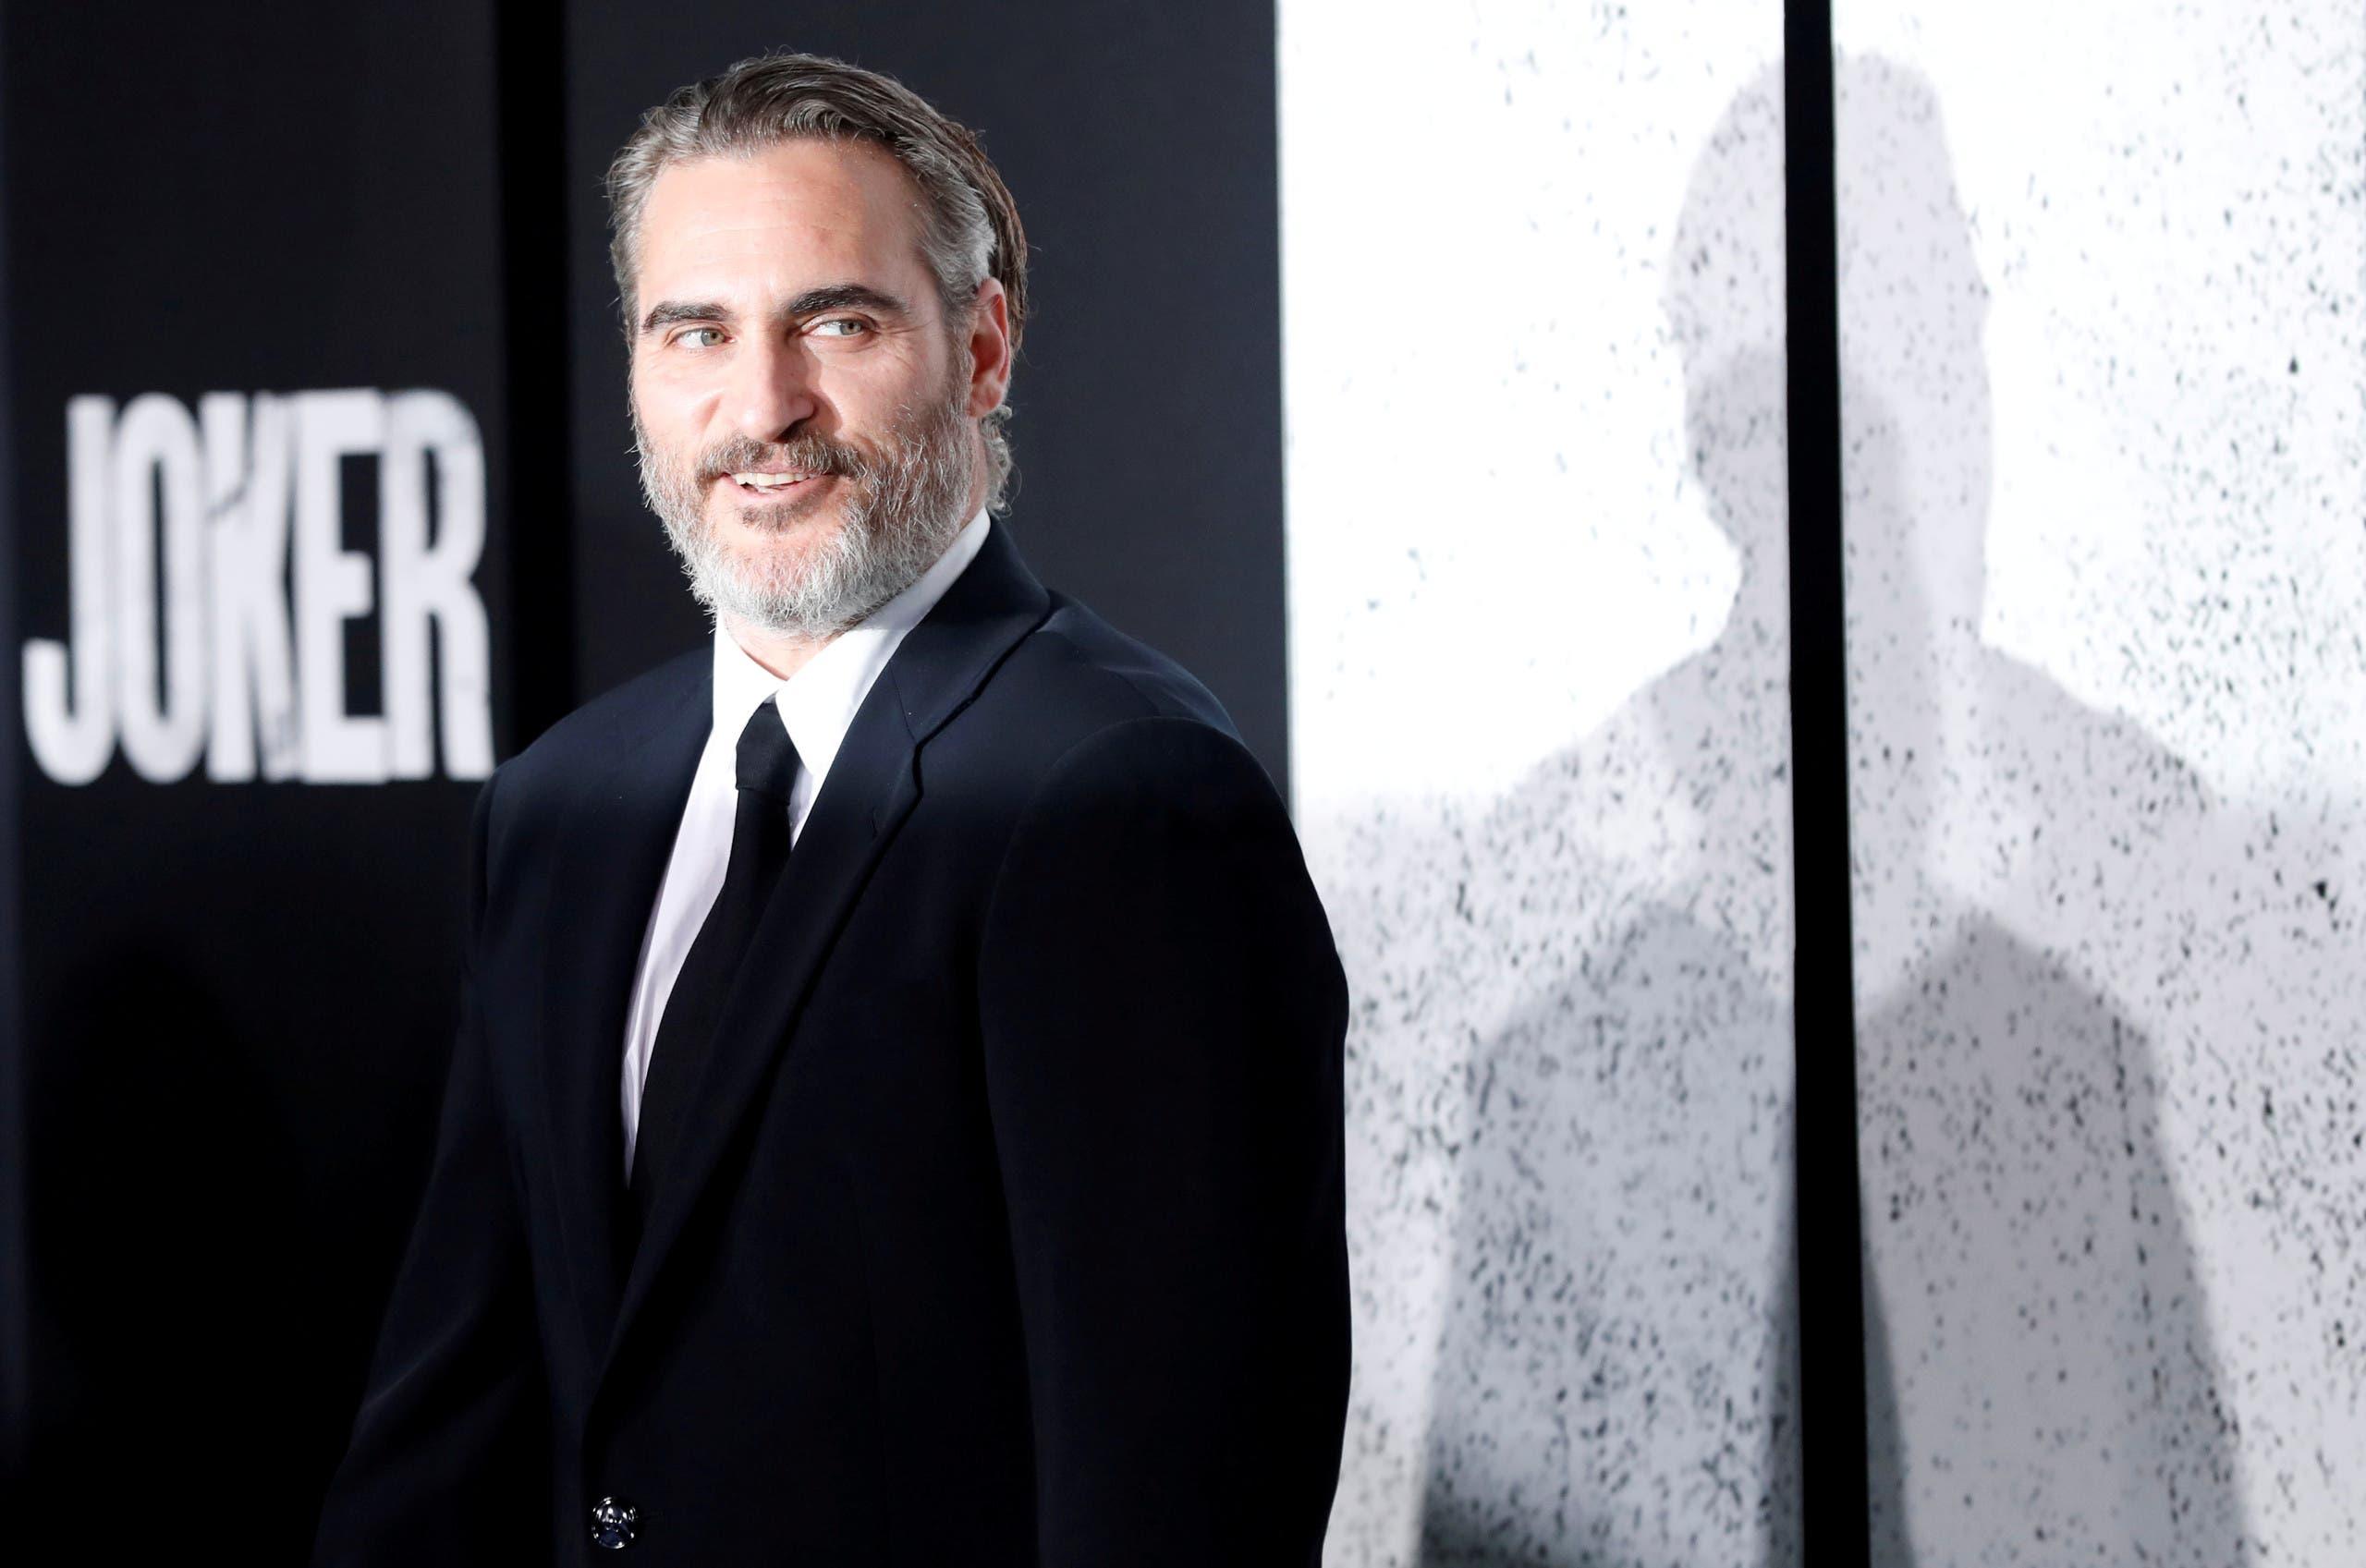 خواكين فينيكس بطل فيلم الجوكر في العرض الأول للفيلم في كاليفورنيا يوم 28 سبتمبر أيلول 2019